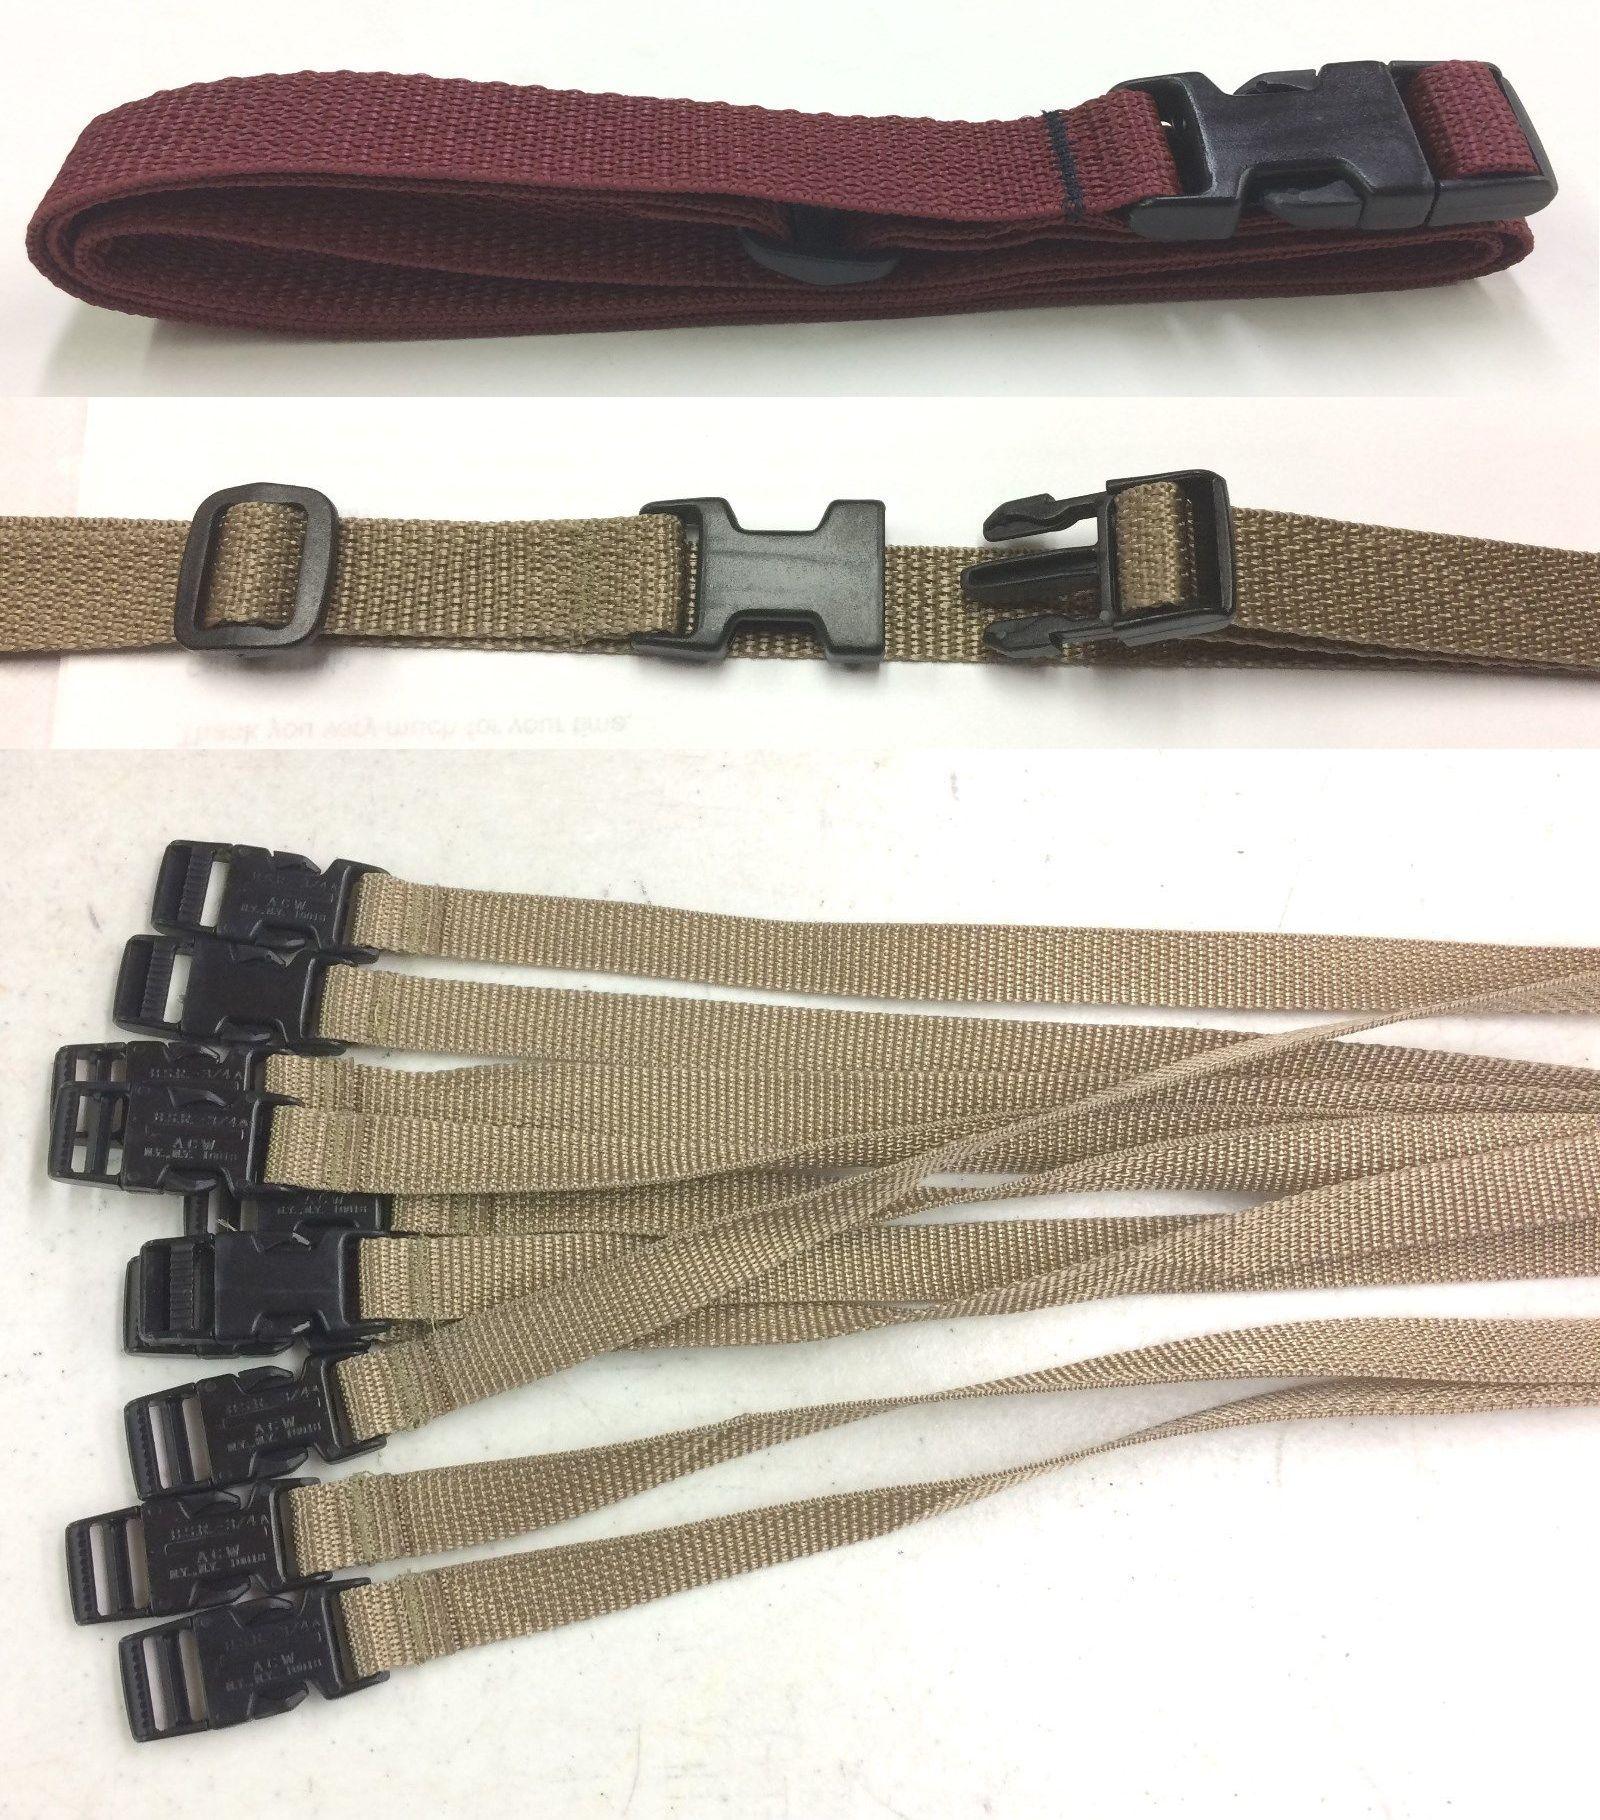 Lash Strap Camping Tie Down Quick Buckle MAROON 8 straps Cargo Lashing Strap